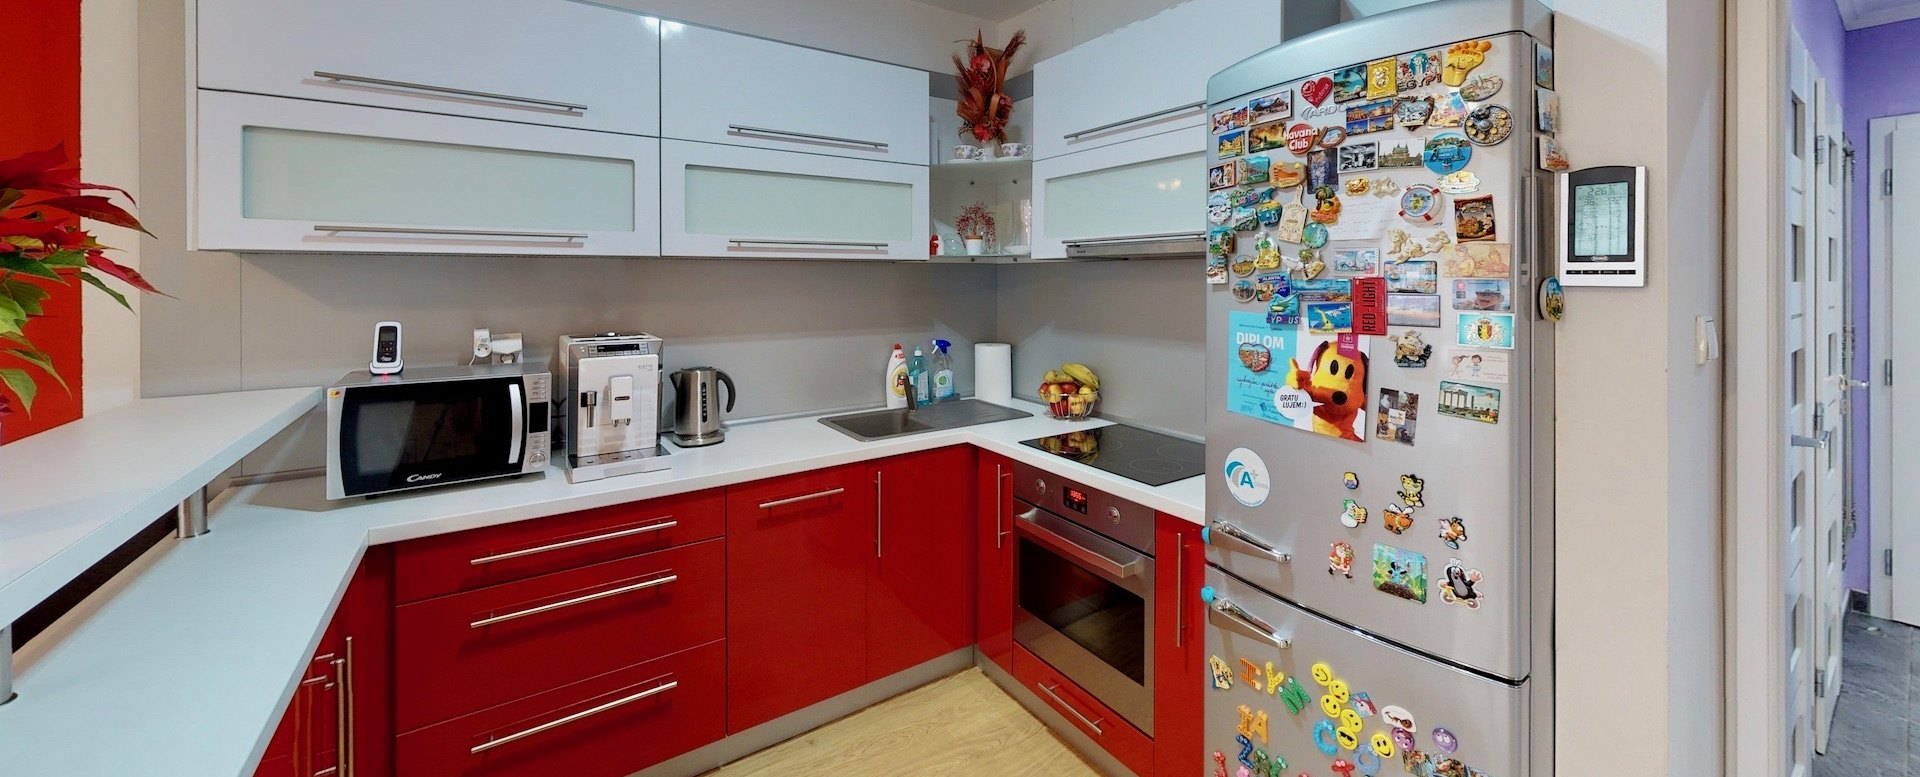 Kuchyňa s obývacou izbou 3-izbového bytu v Rezidencii Martinkov Potok